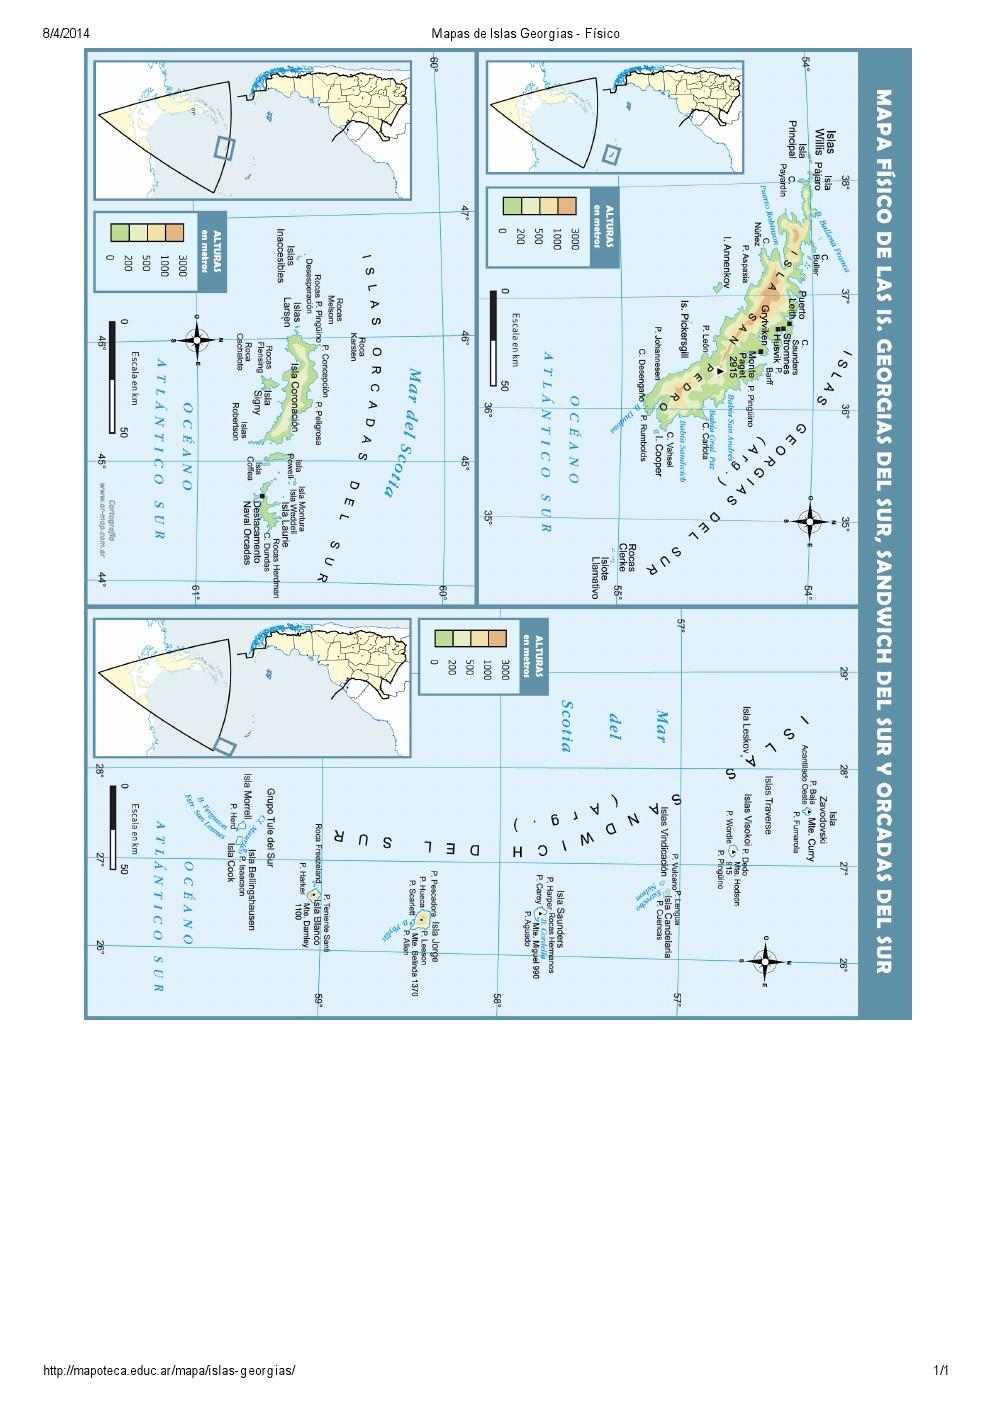 Mapa de relieve de las Islas Georgias, Orcadas y Sandwich. Mapoteca de Educ.ar